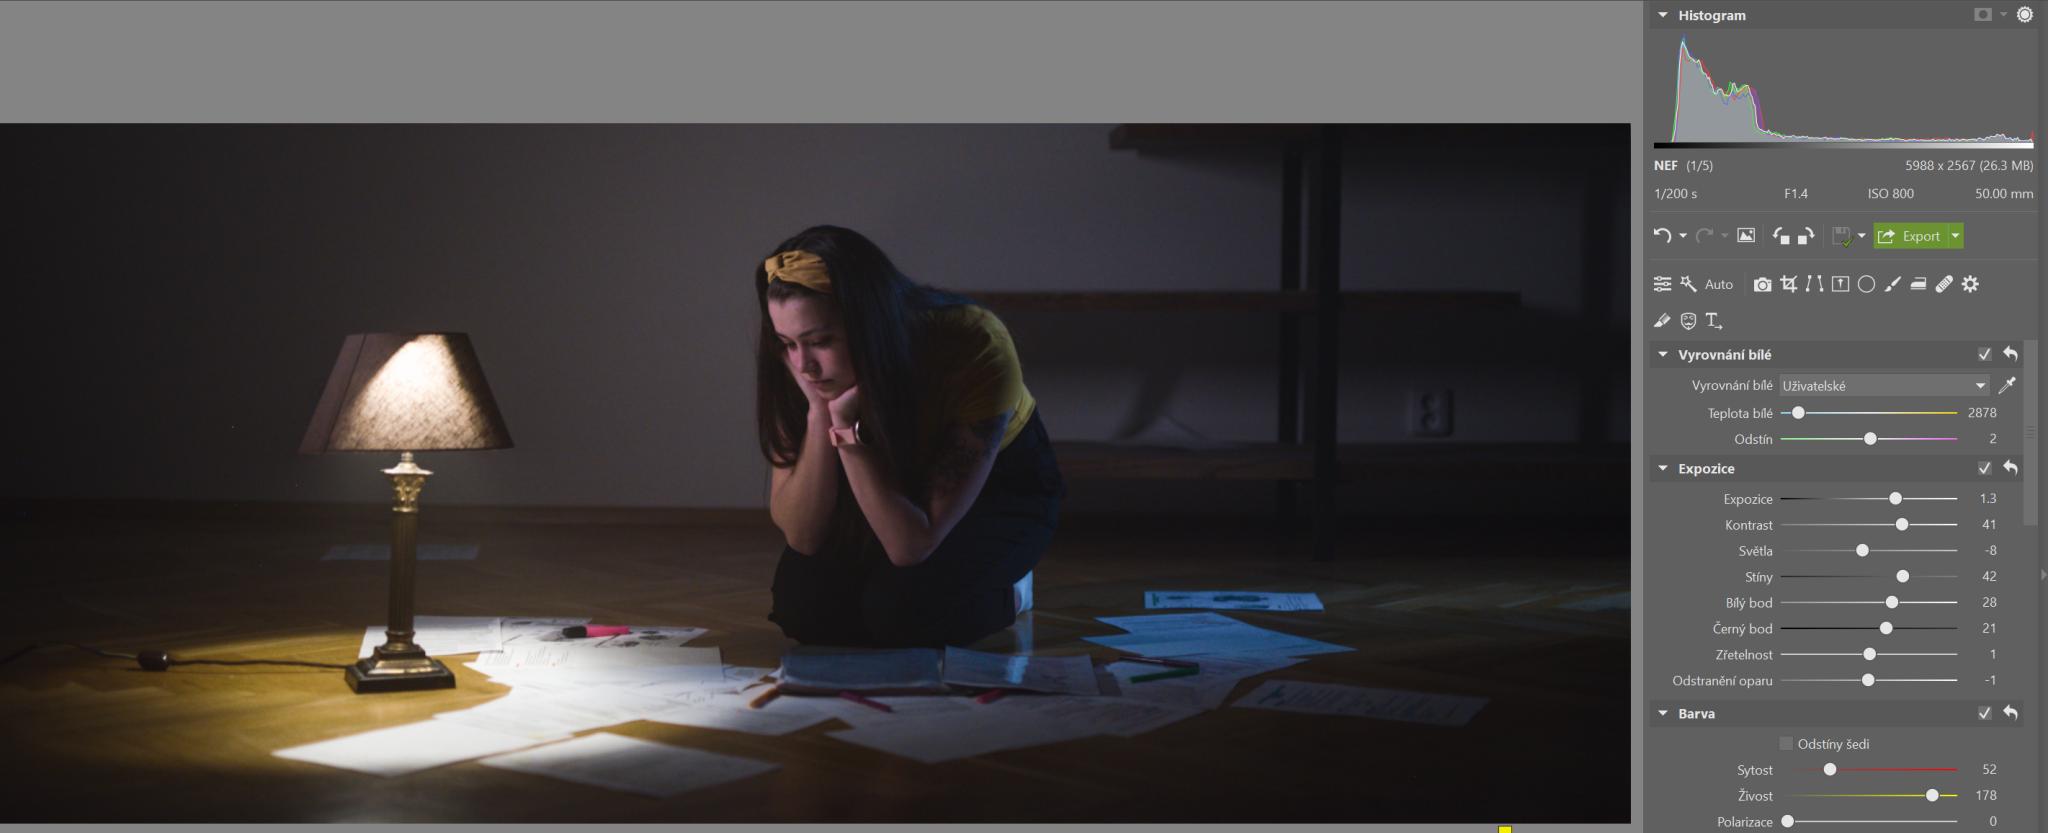 Škola úprav v ZPS X III: upravte si fotku ve filmovém stylu